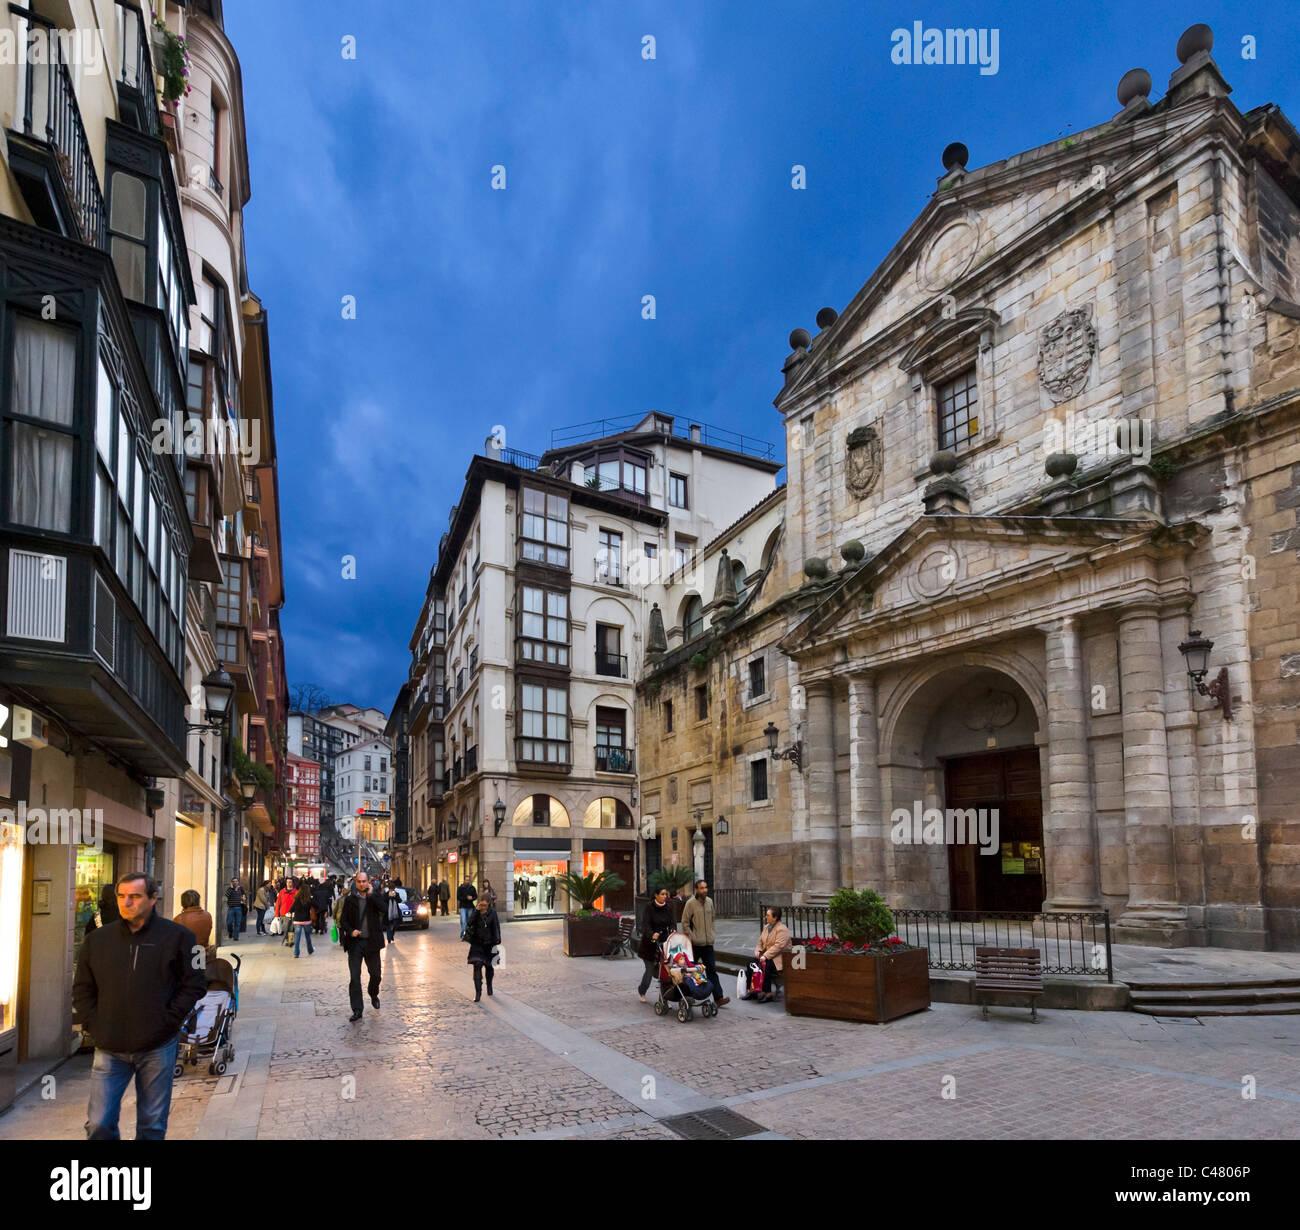 Negozi e Catedral de Santiago, la storica Città Vecchia (Casco Viejo), Bilbao, Bizkaia, Paesi Baschi Immagini Stock